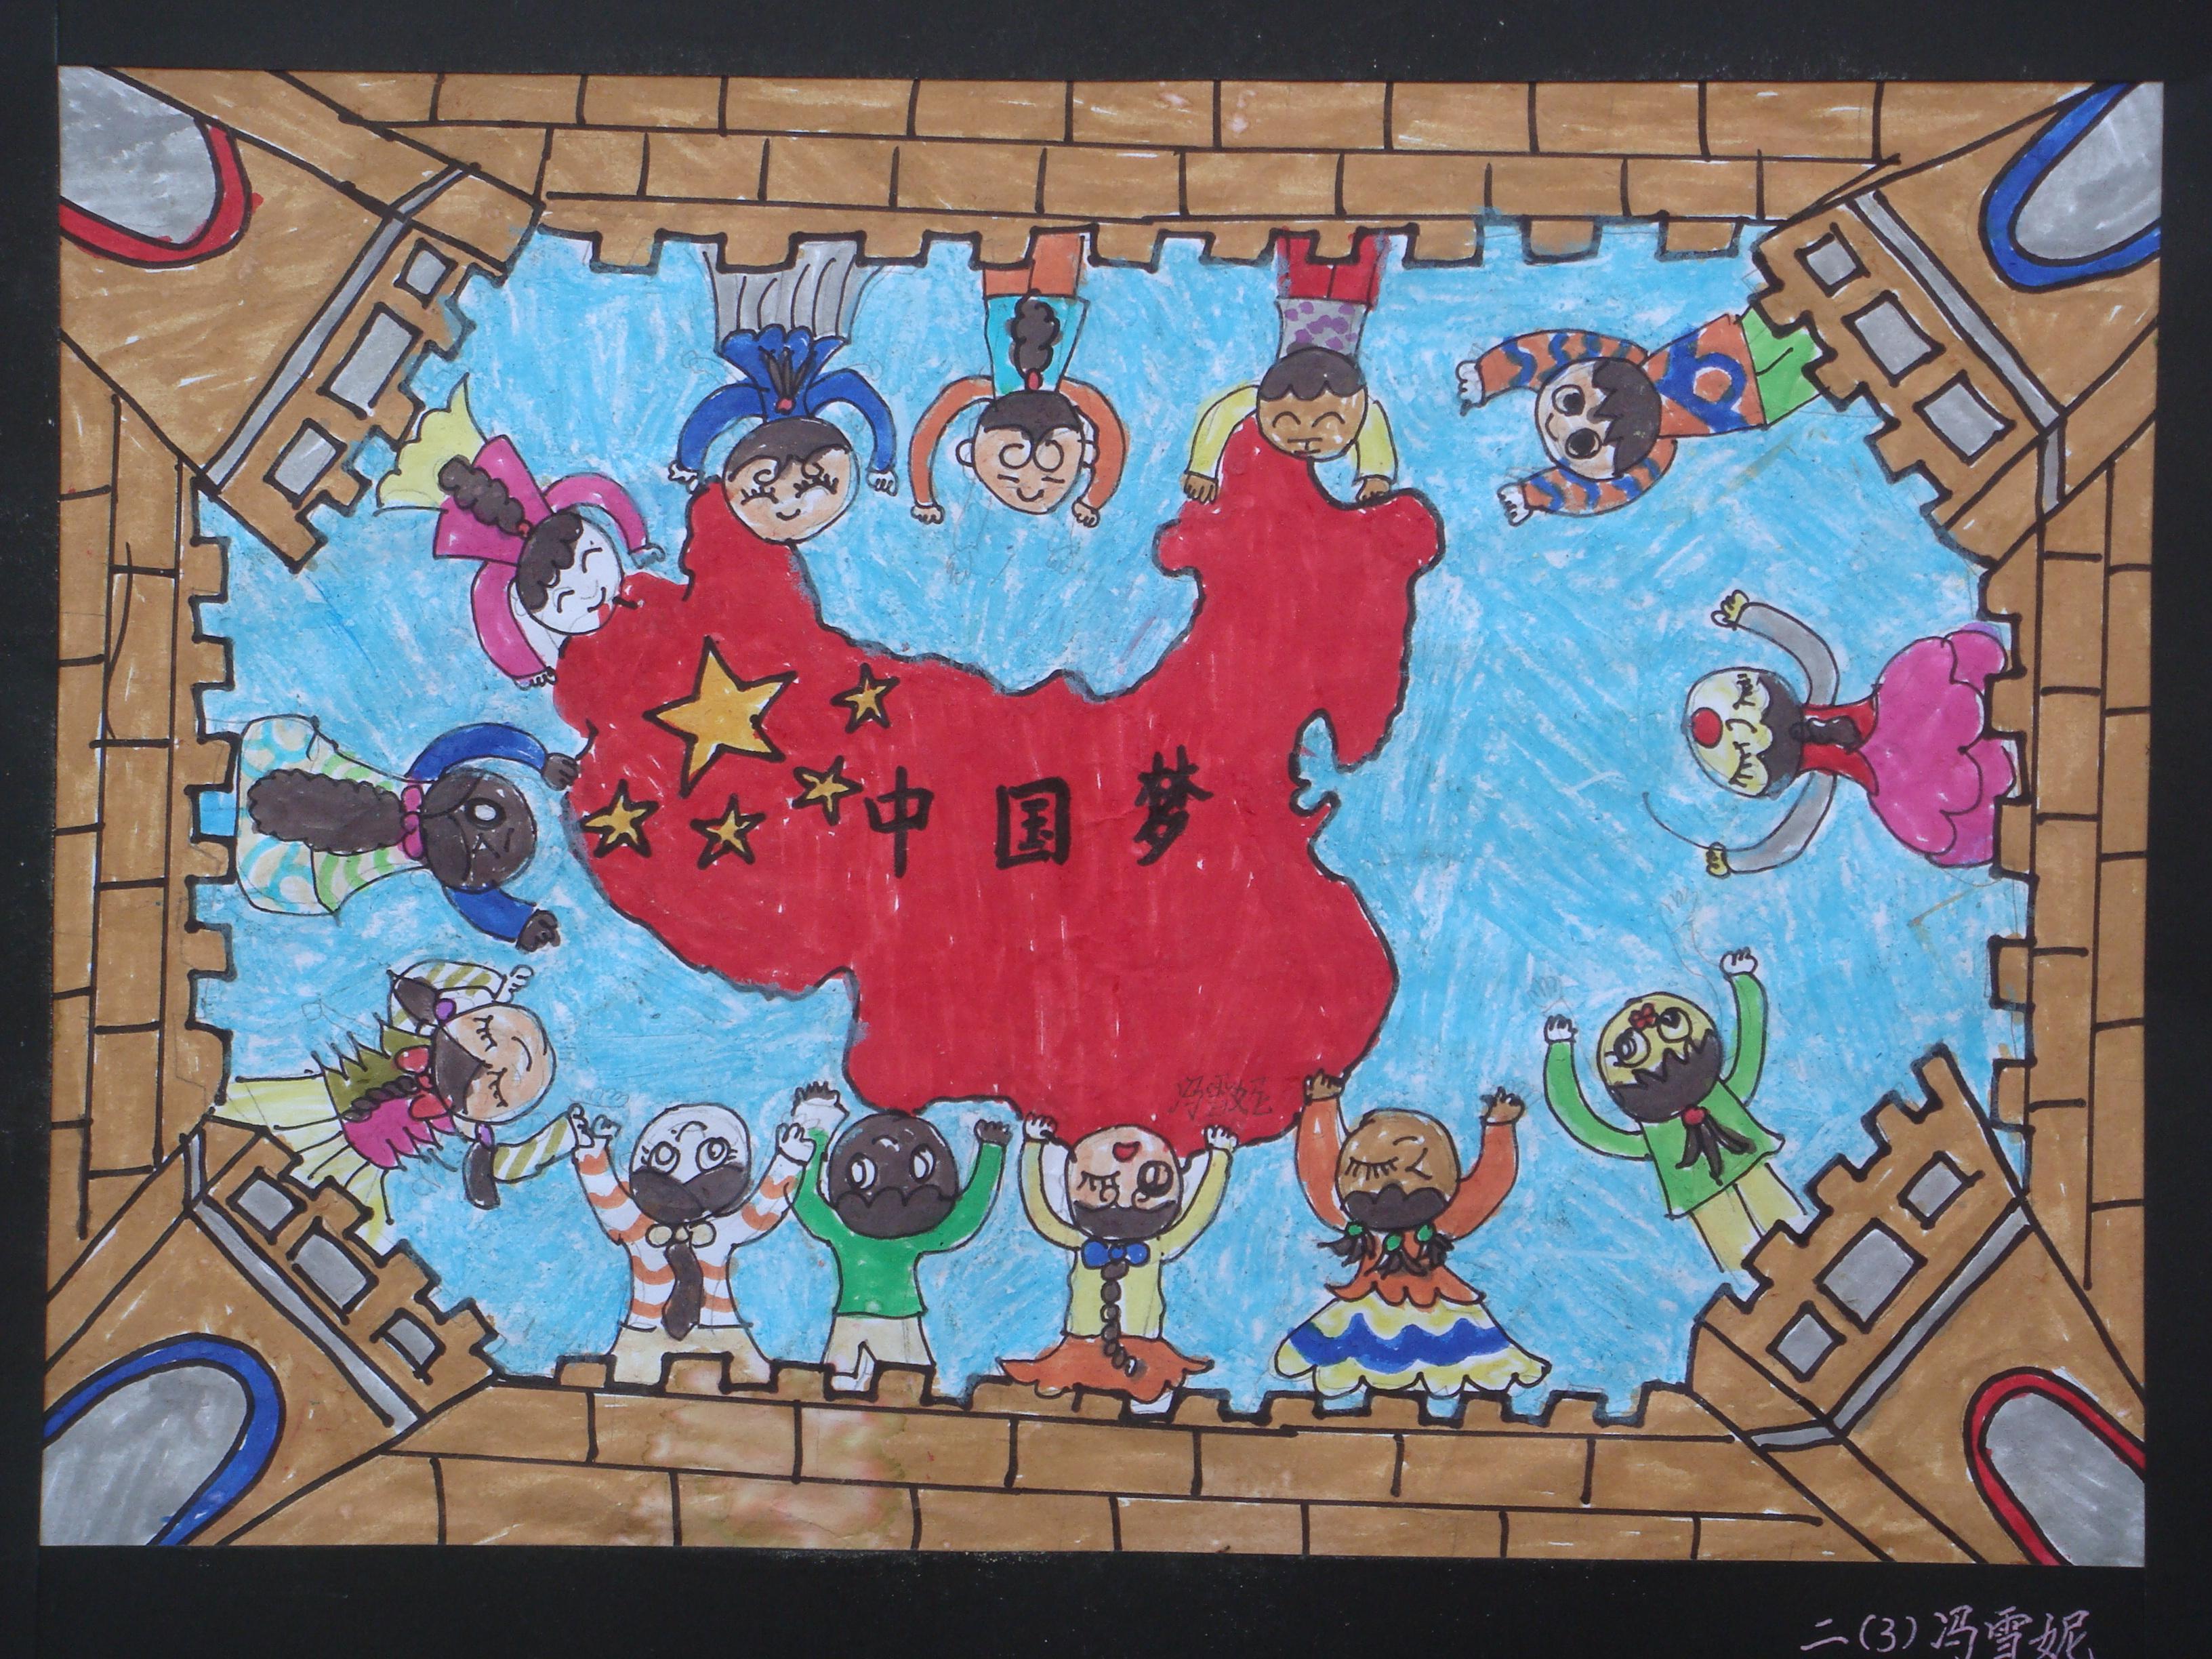 中国梦 主题绘画